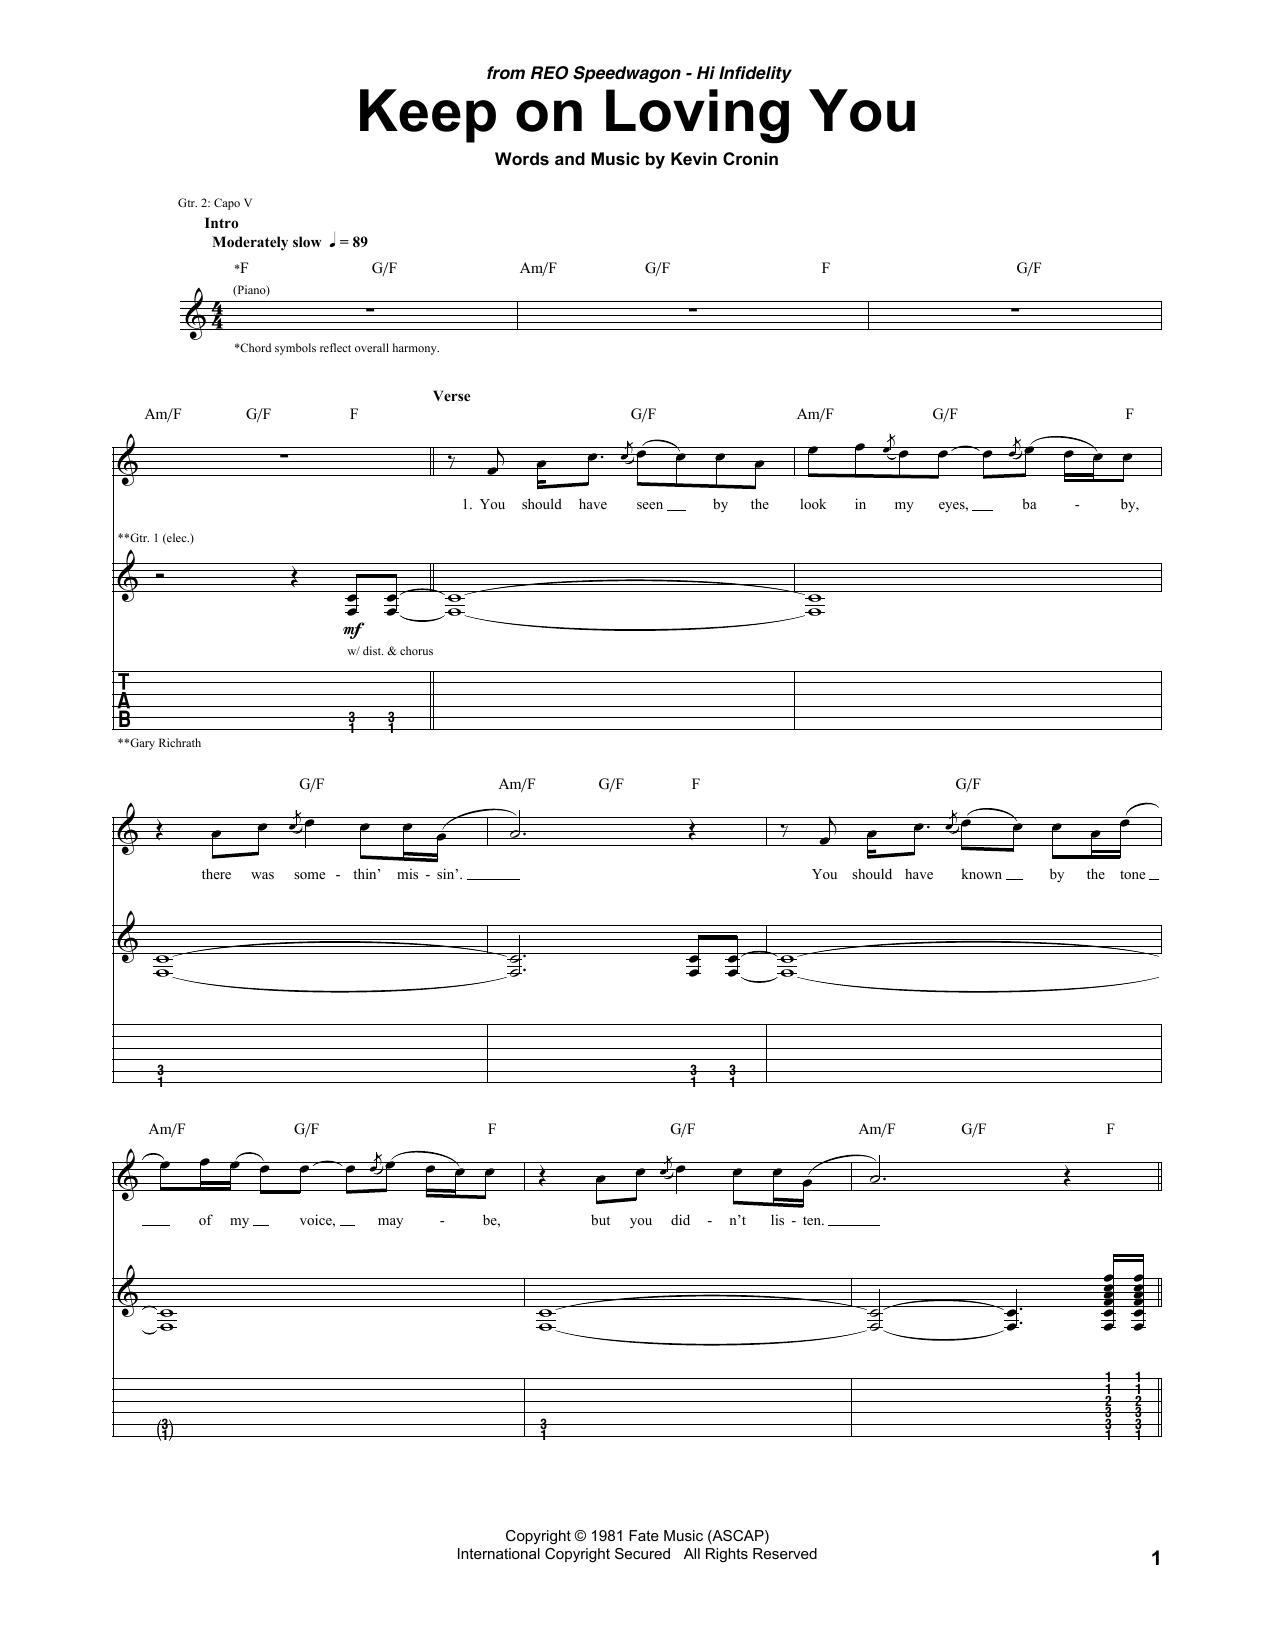 Keep On Loving You Sheet Music   REO Speedwagon   Guitar Tab